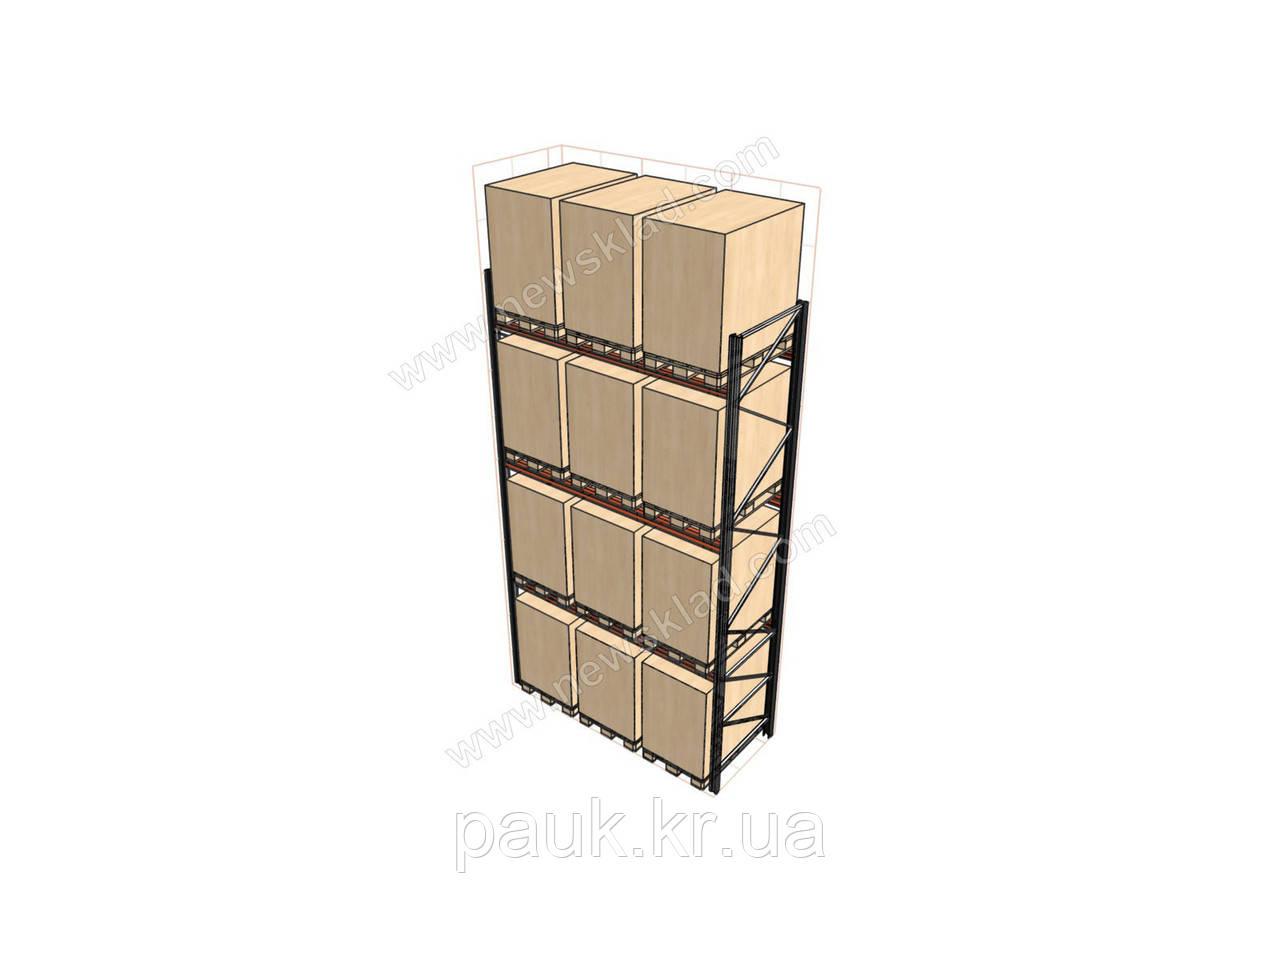 Стеллаж складской паллетный Н5000хL2700х1100 мм(пол.+3 уровня по 2300 кг на уровень), стеллаж для паллет